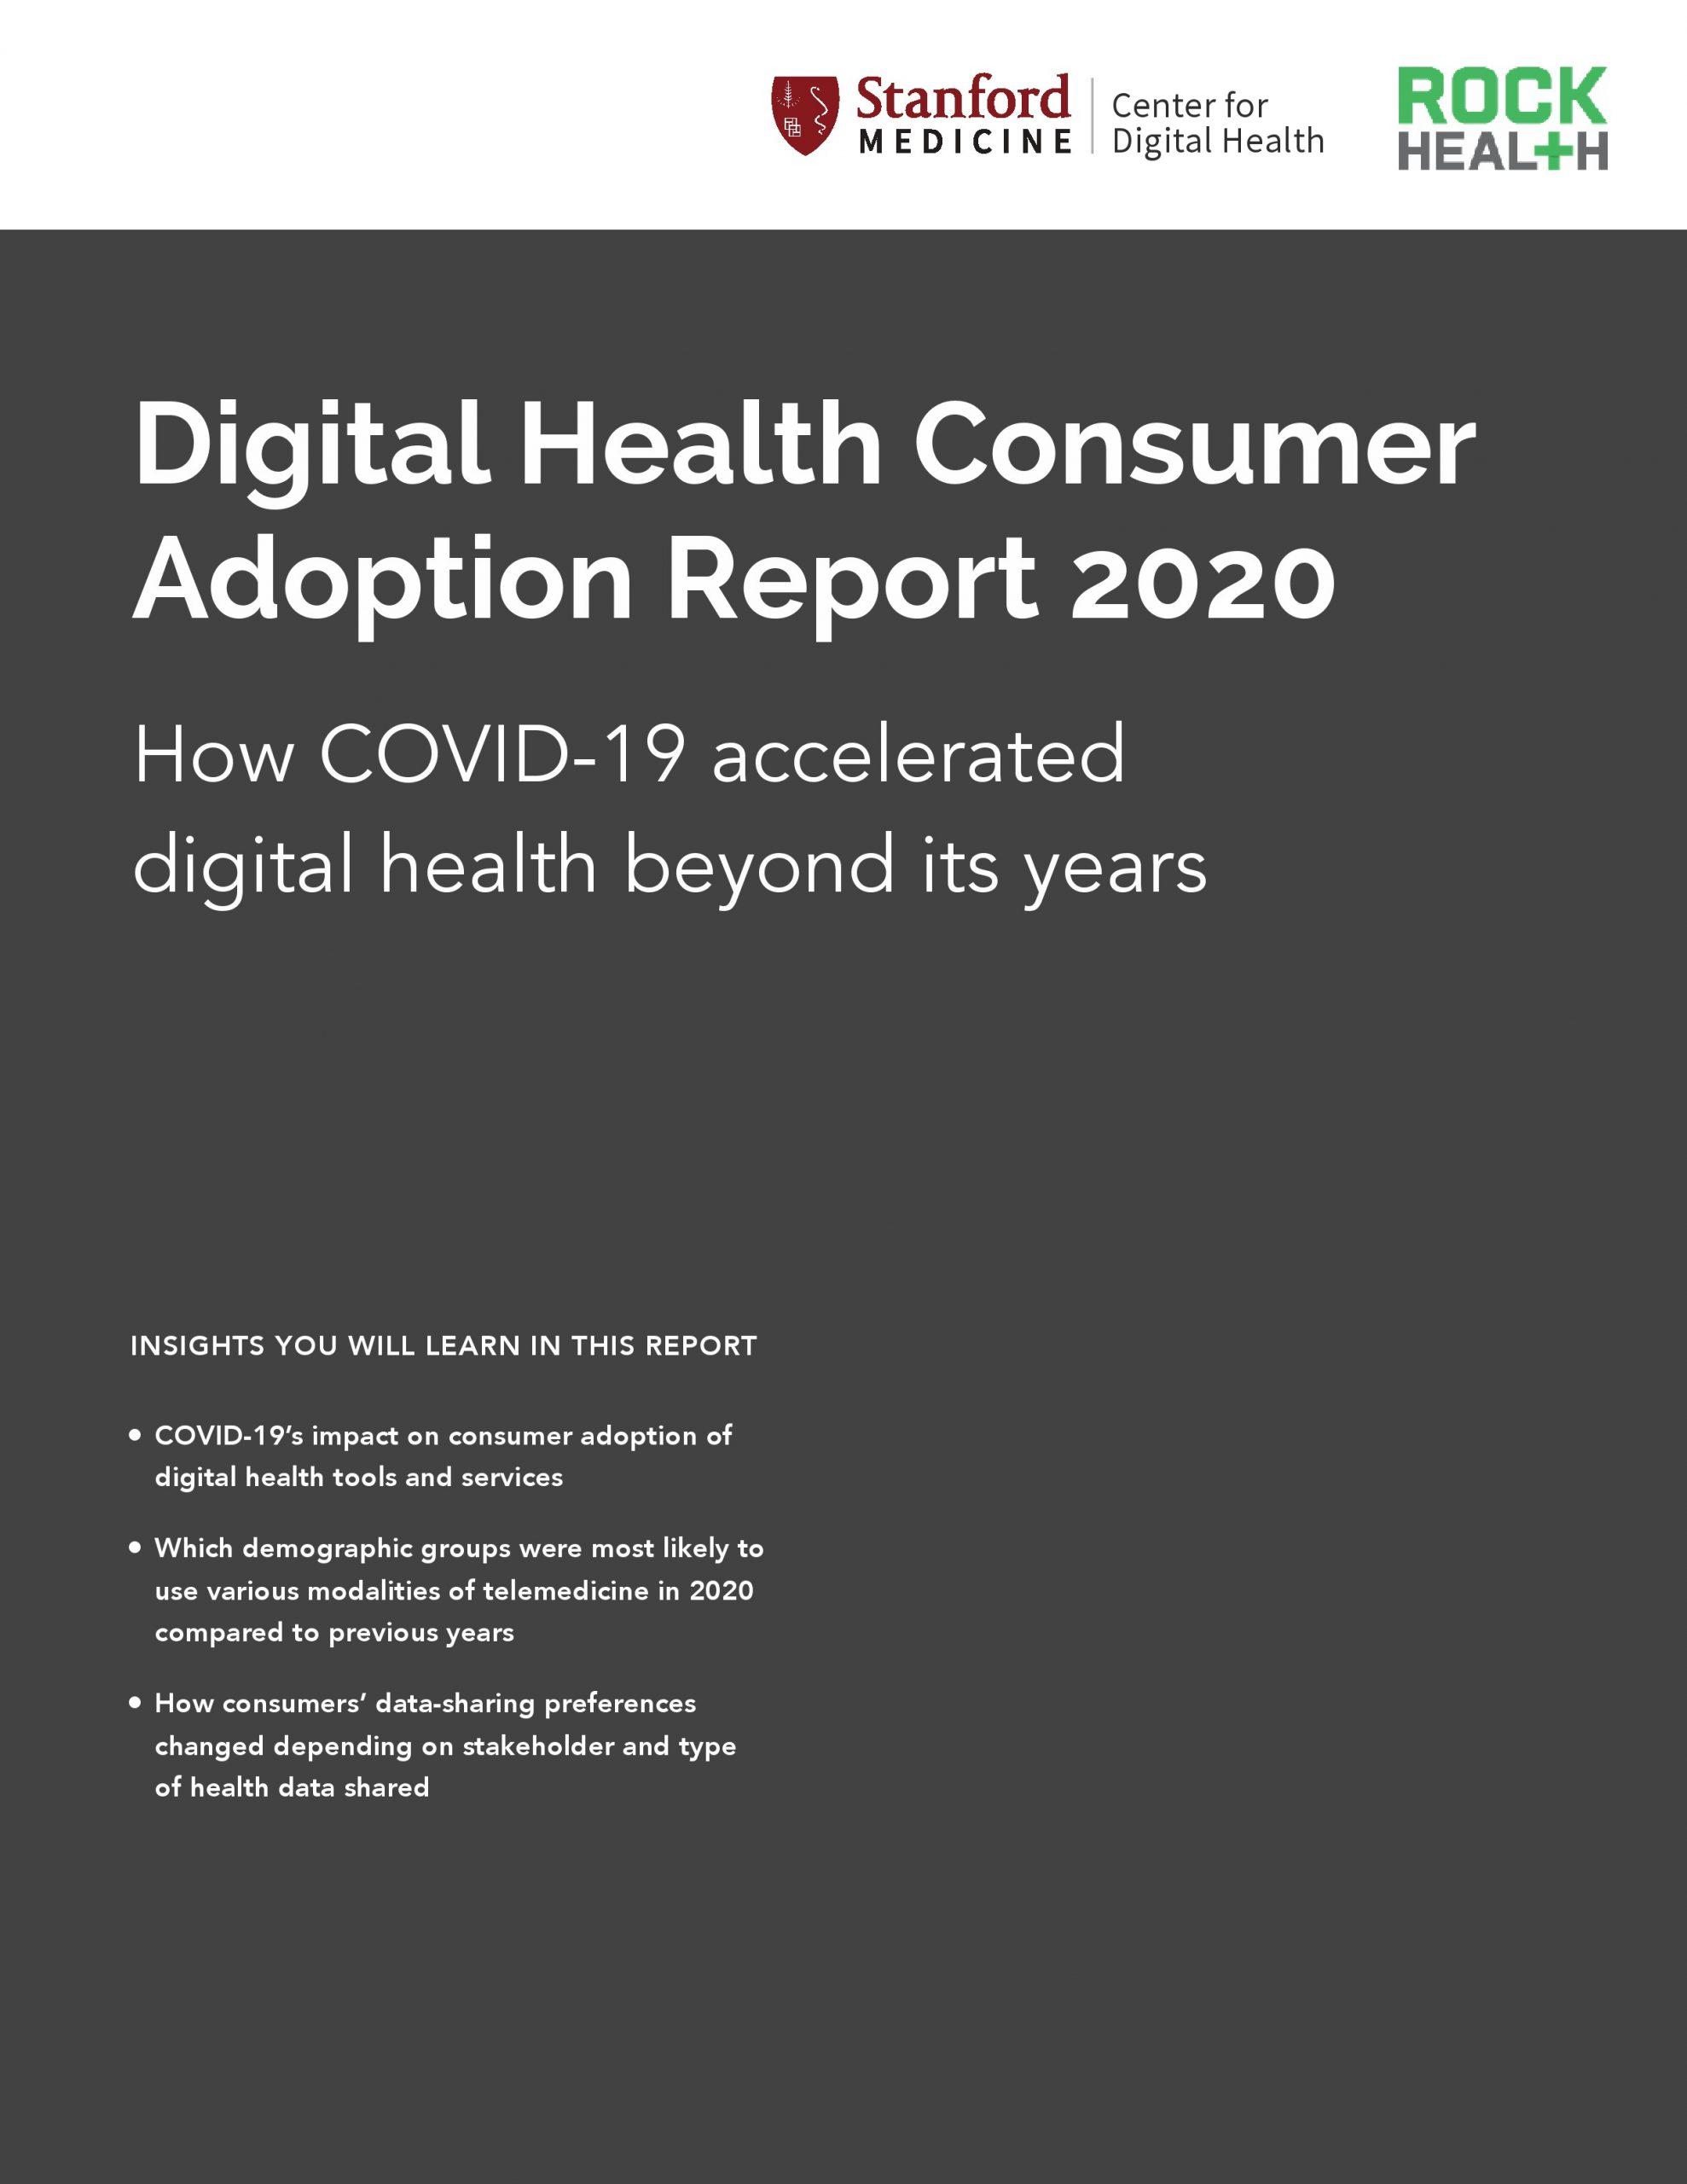 斯坦福数字健康中心:2020年数字医疗消费者报告